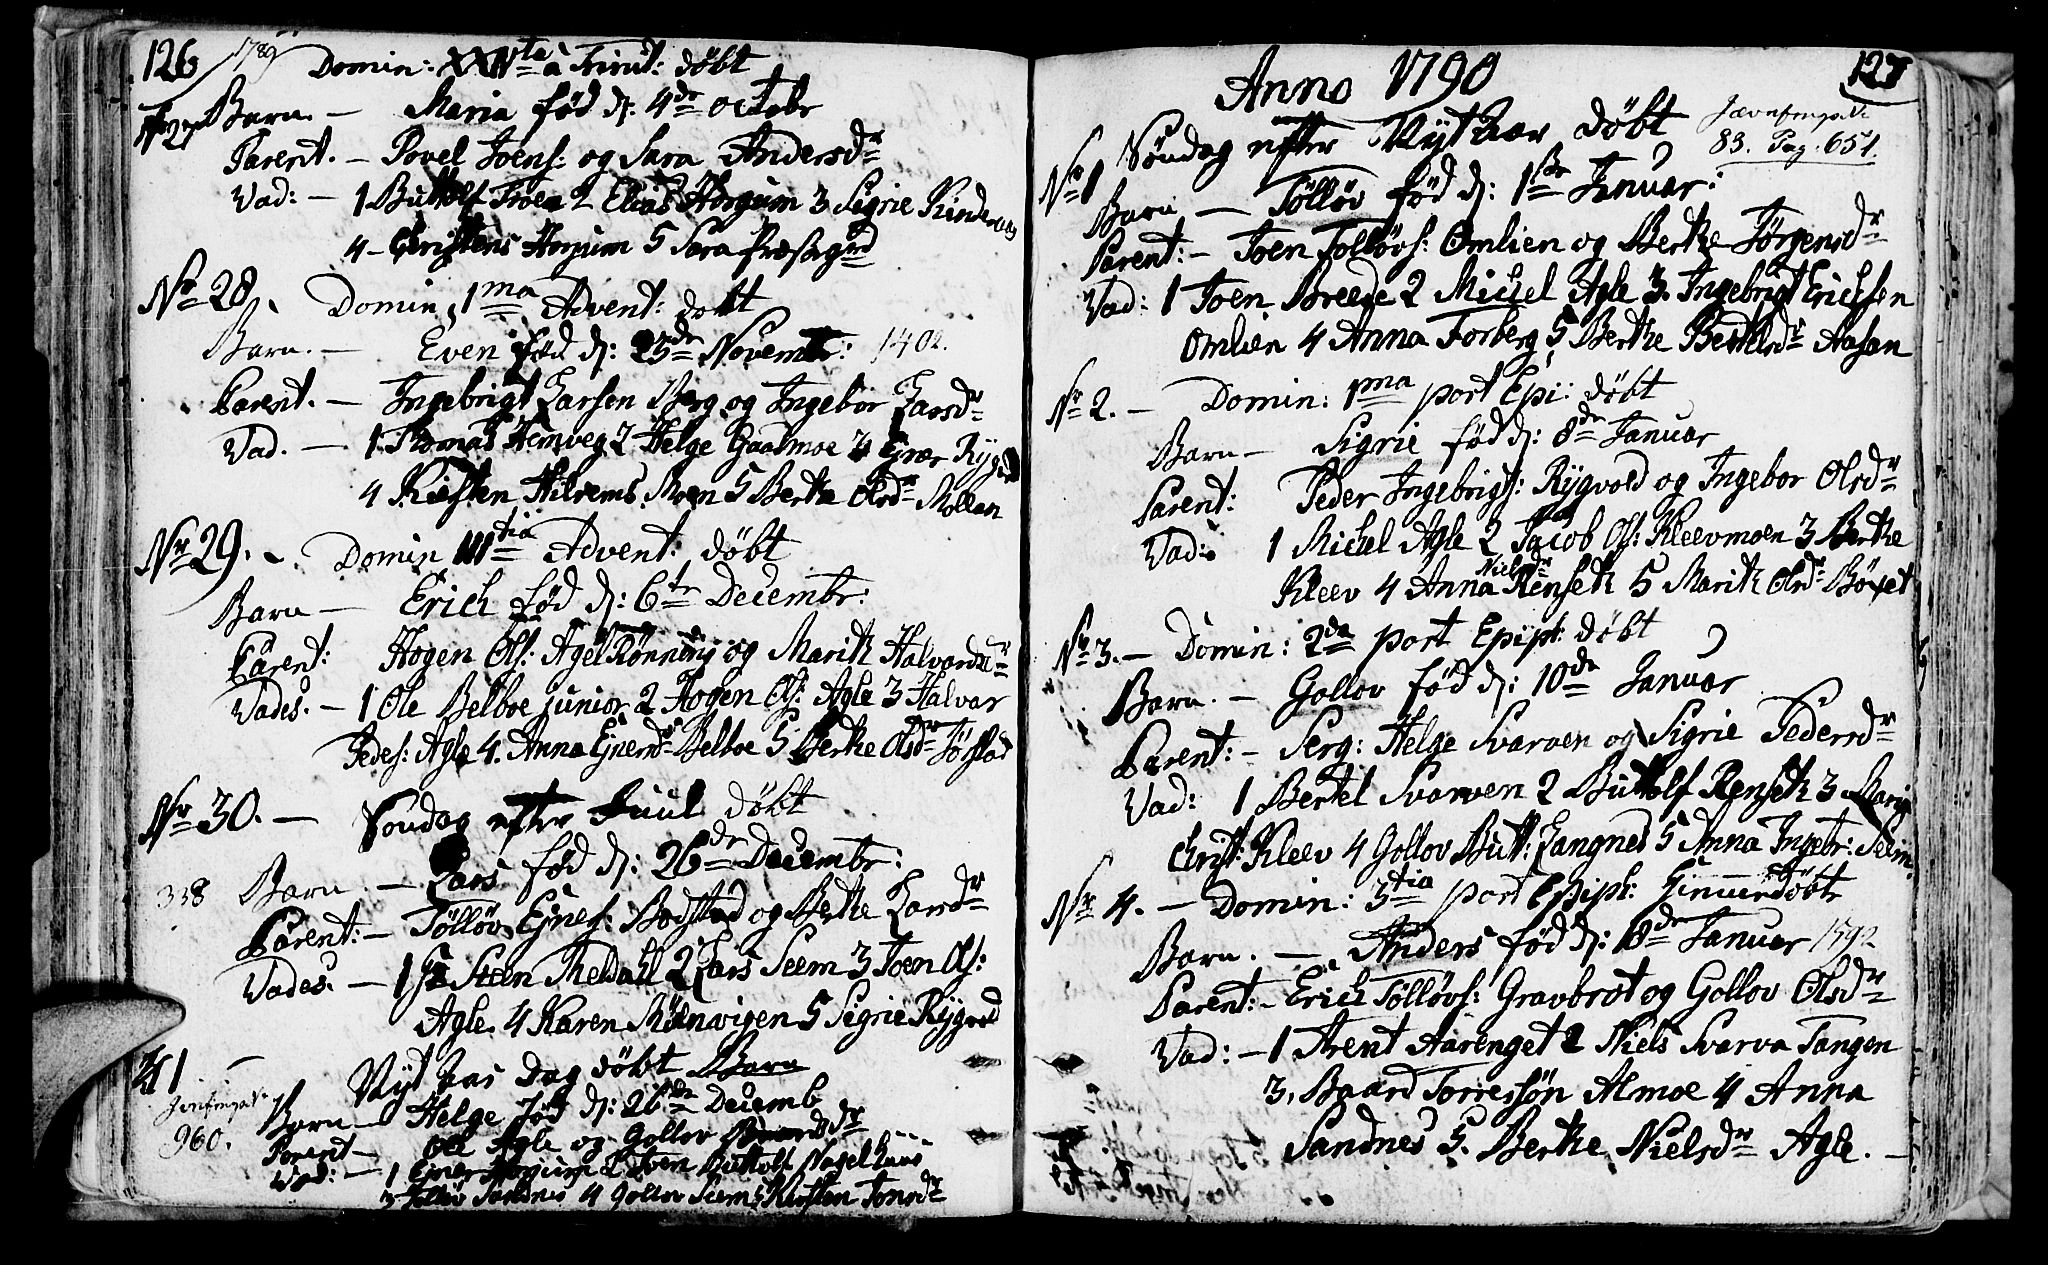 SAT, Ministerialprotokoller, klokkerbøker og fødselsregistre - Nord-Trøndelag, 749/L0468: Ministerialbok nr. 749A02, 1787-1817, s. 126-127